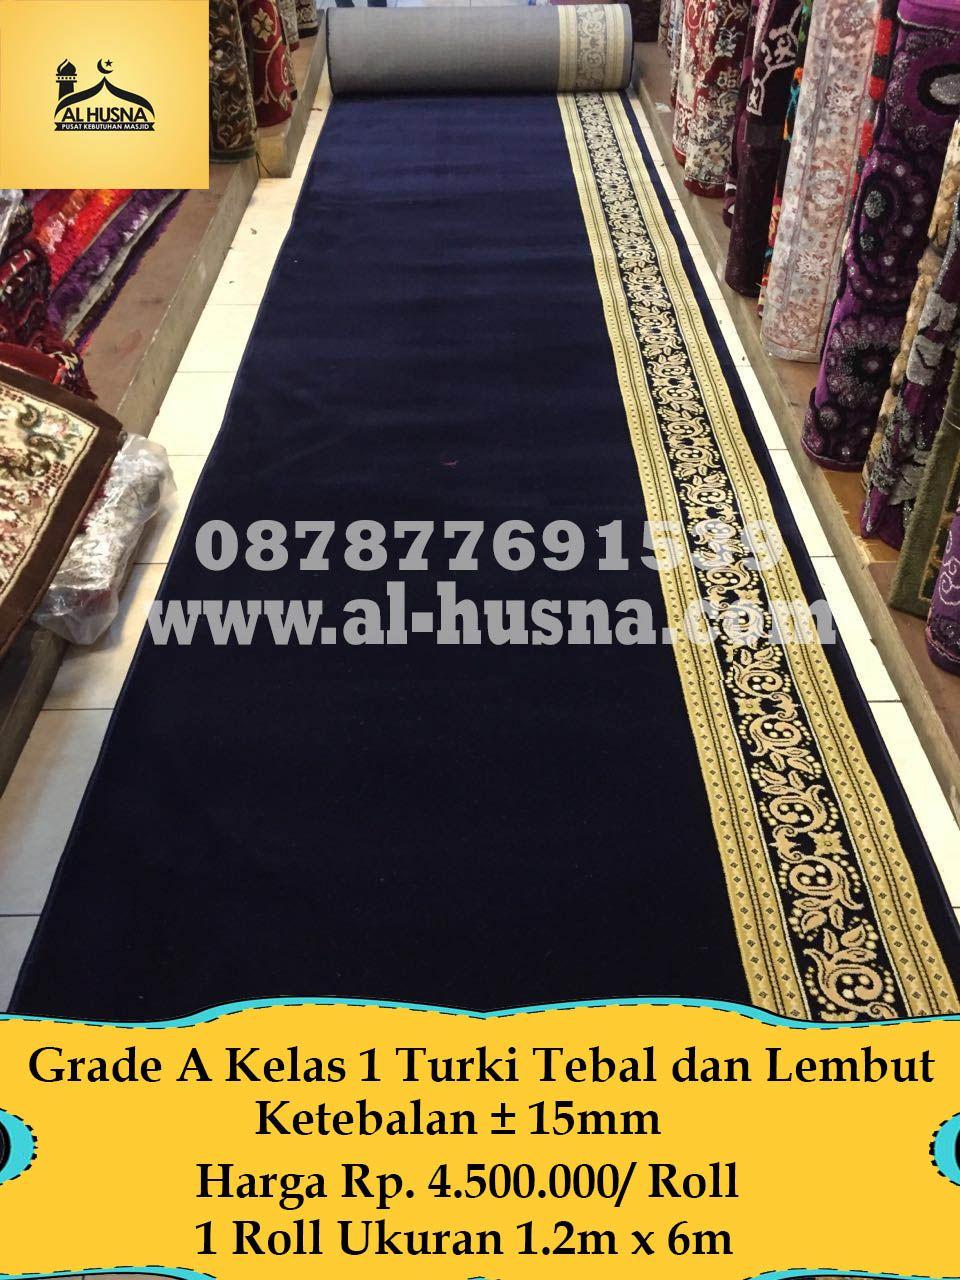 Jual Karpet Masjid Turki Jual Karpet Masjid Roll Jual Karpet